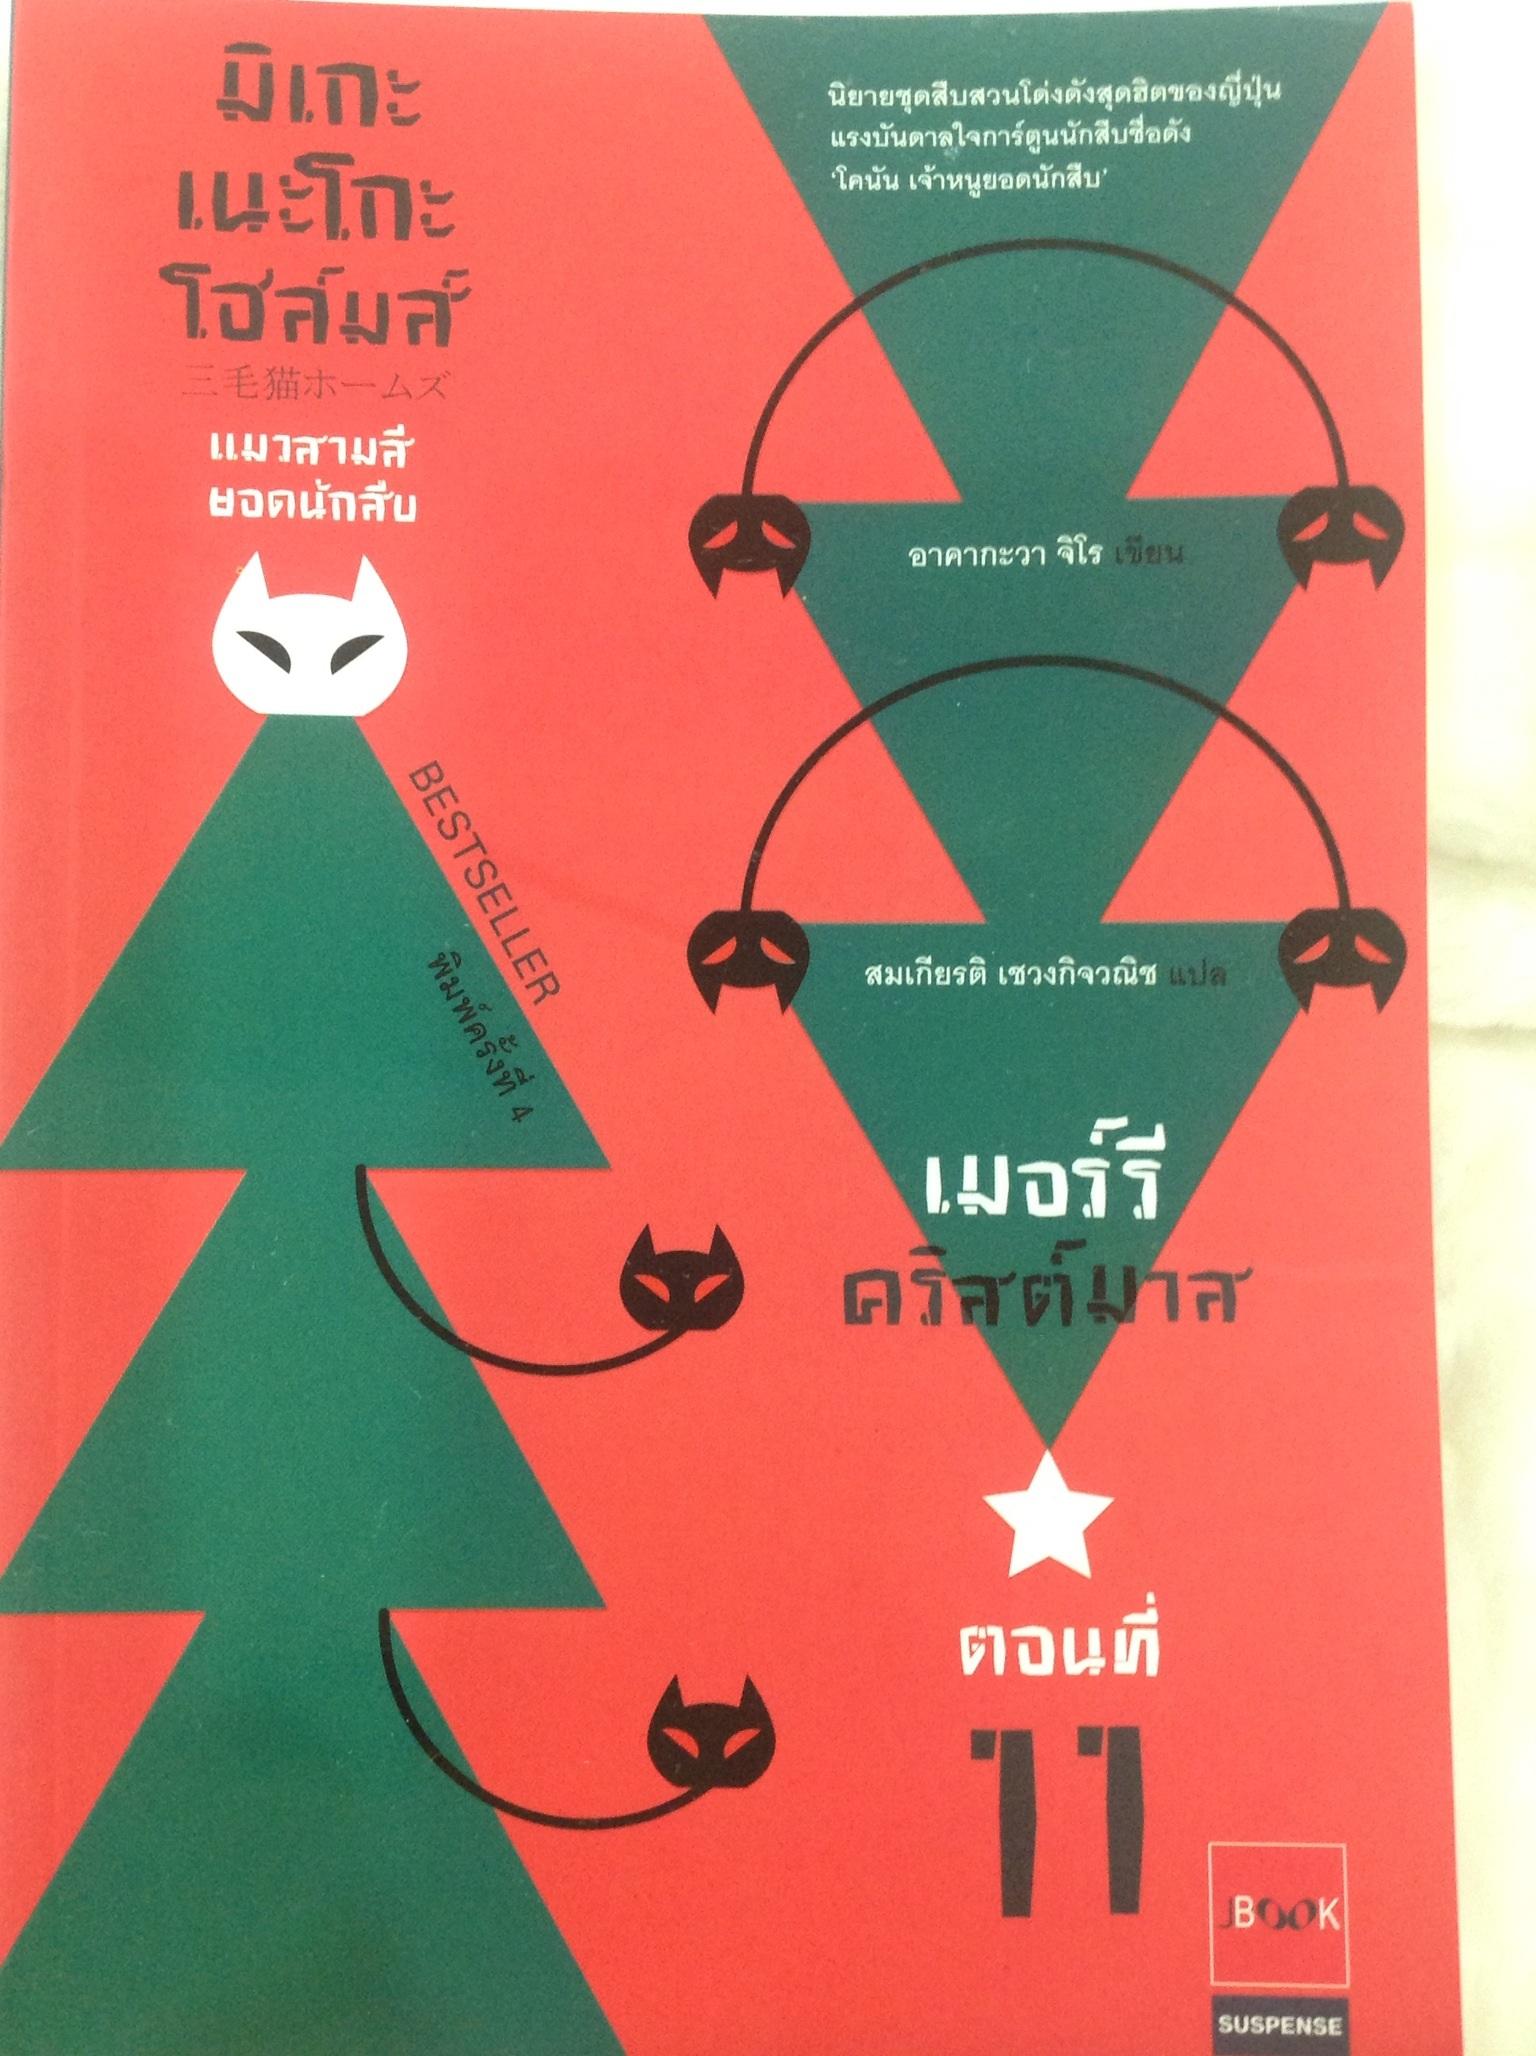 มิเกะเนะโกะ โฮล์มส์ แมวสามสียอดนักสืบ ตอน11 เมอร์รีคริสต์มาส